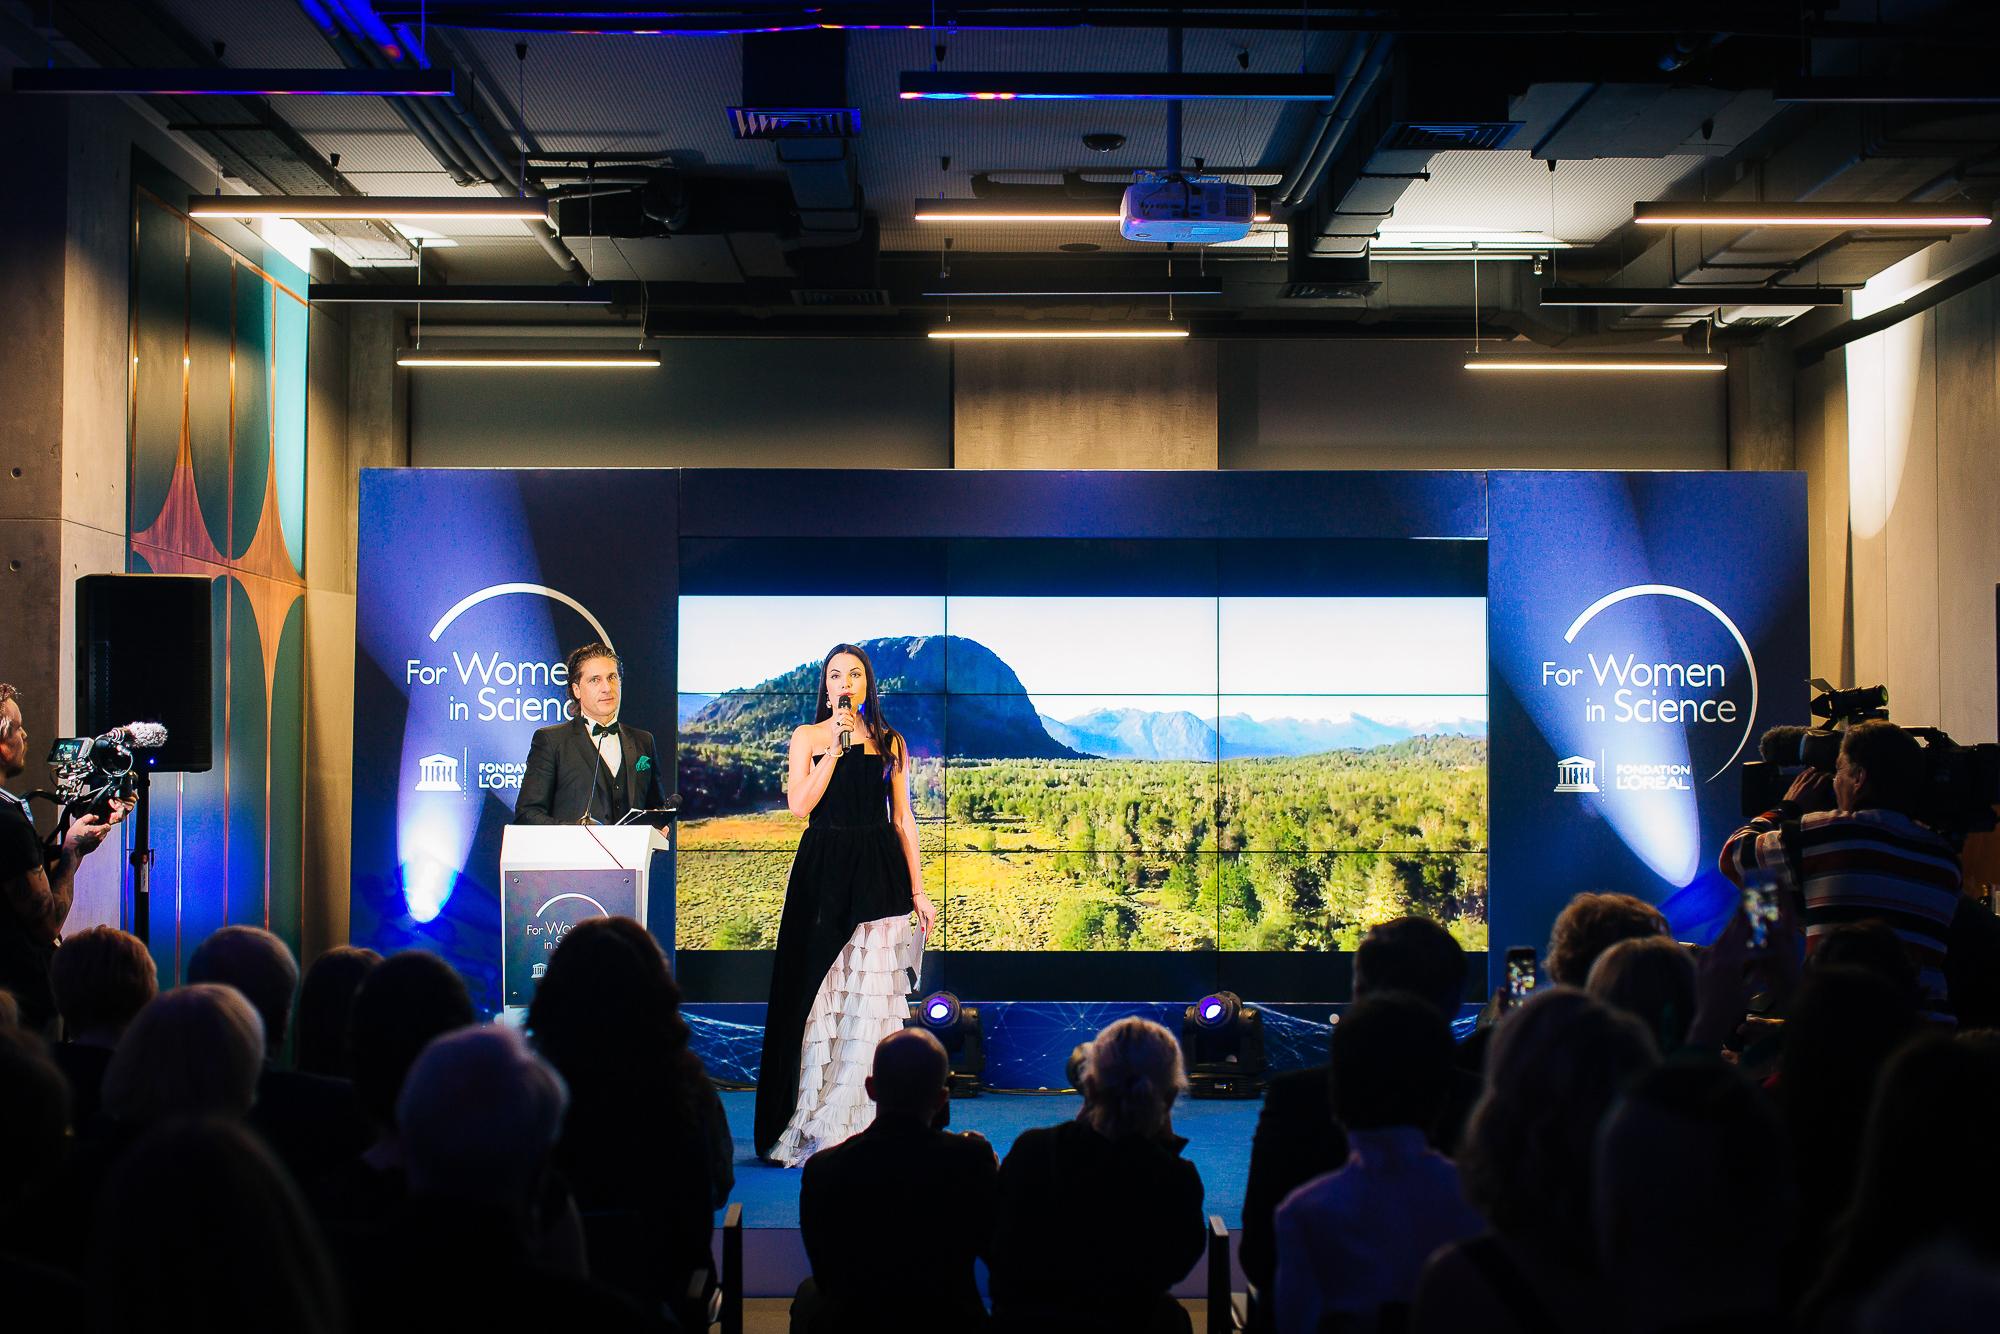 Українки вперше отримали премію «Для жінок в науці» від Лореаль Україна